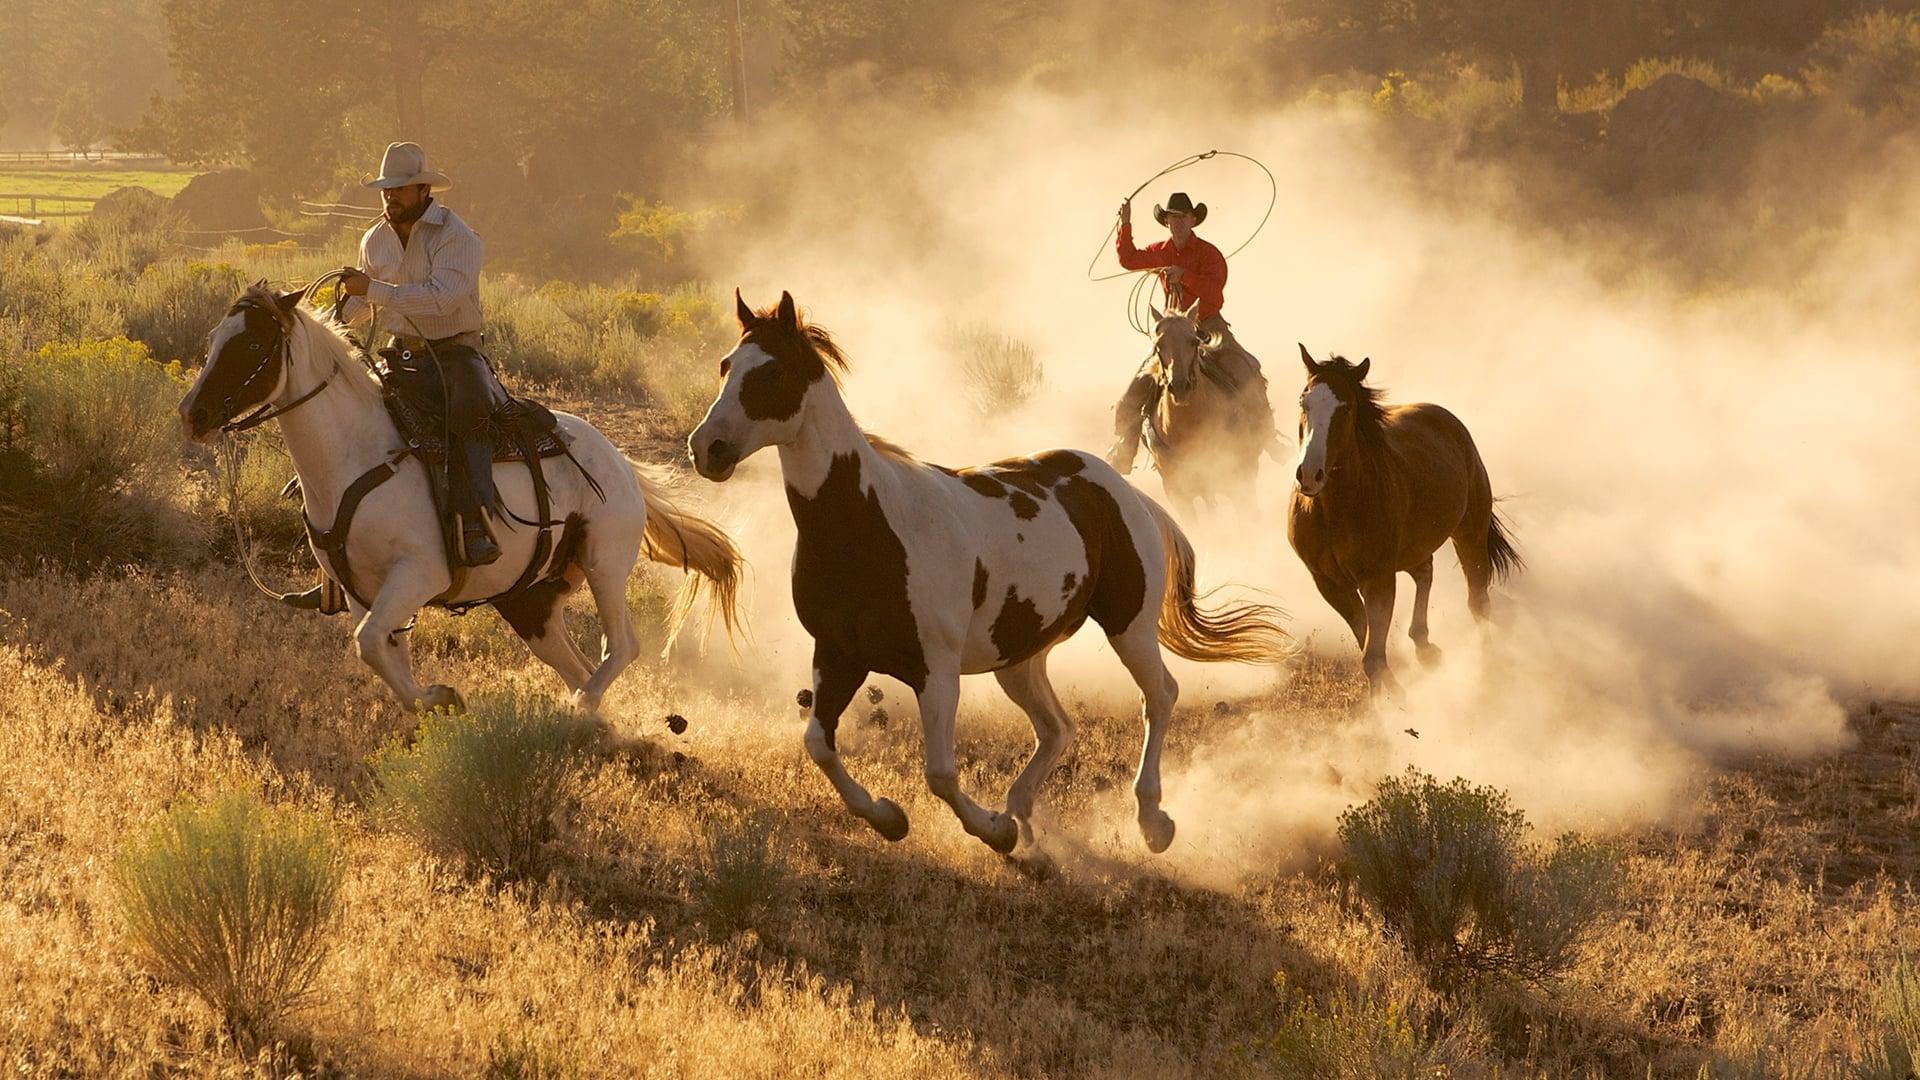 картинки дикого запада диких лошадей домочадцы были приятно